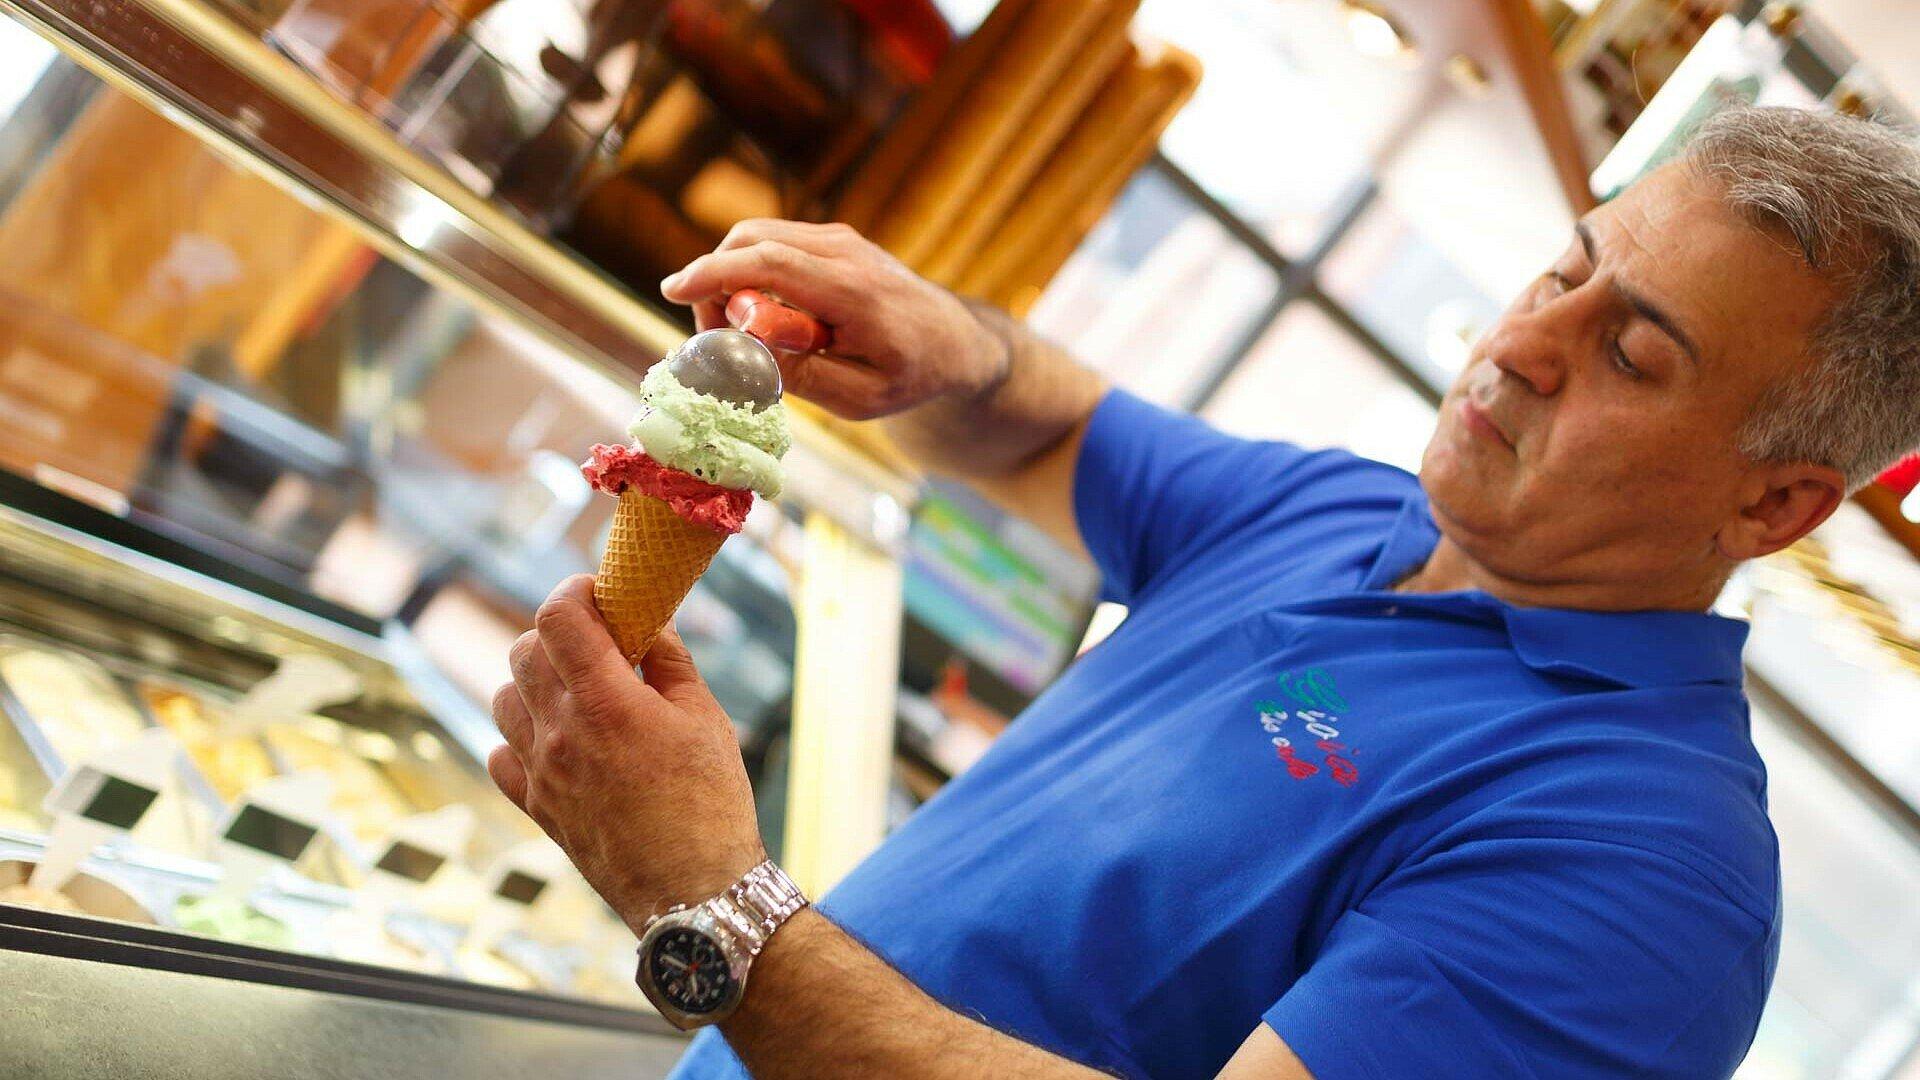 """Giuseppe di Salvo gibt im Eiscafé """"Gioia"""" in Niehl zwei Kugeln Eis in eine Waffel"""